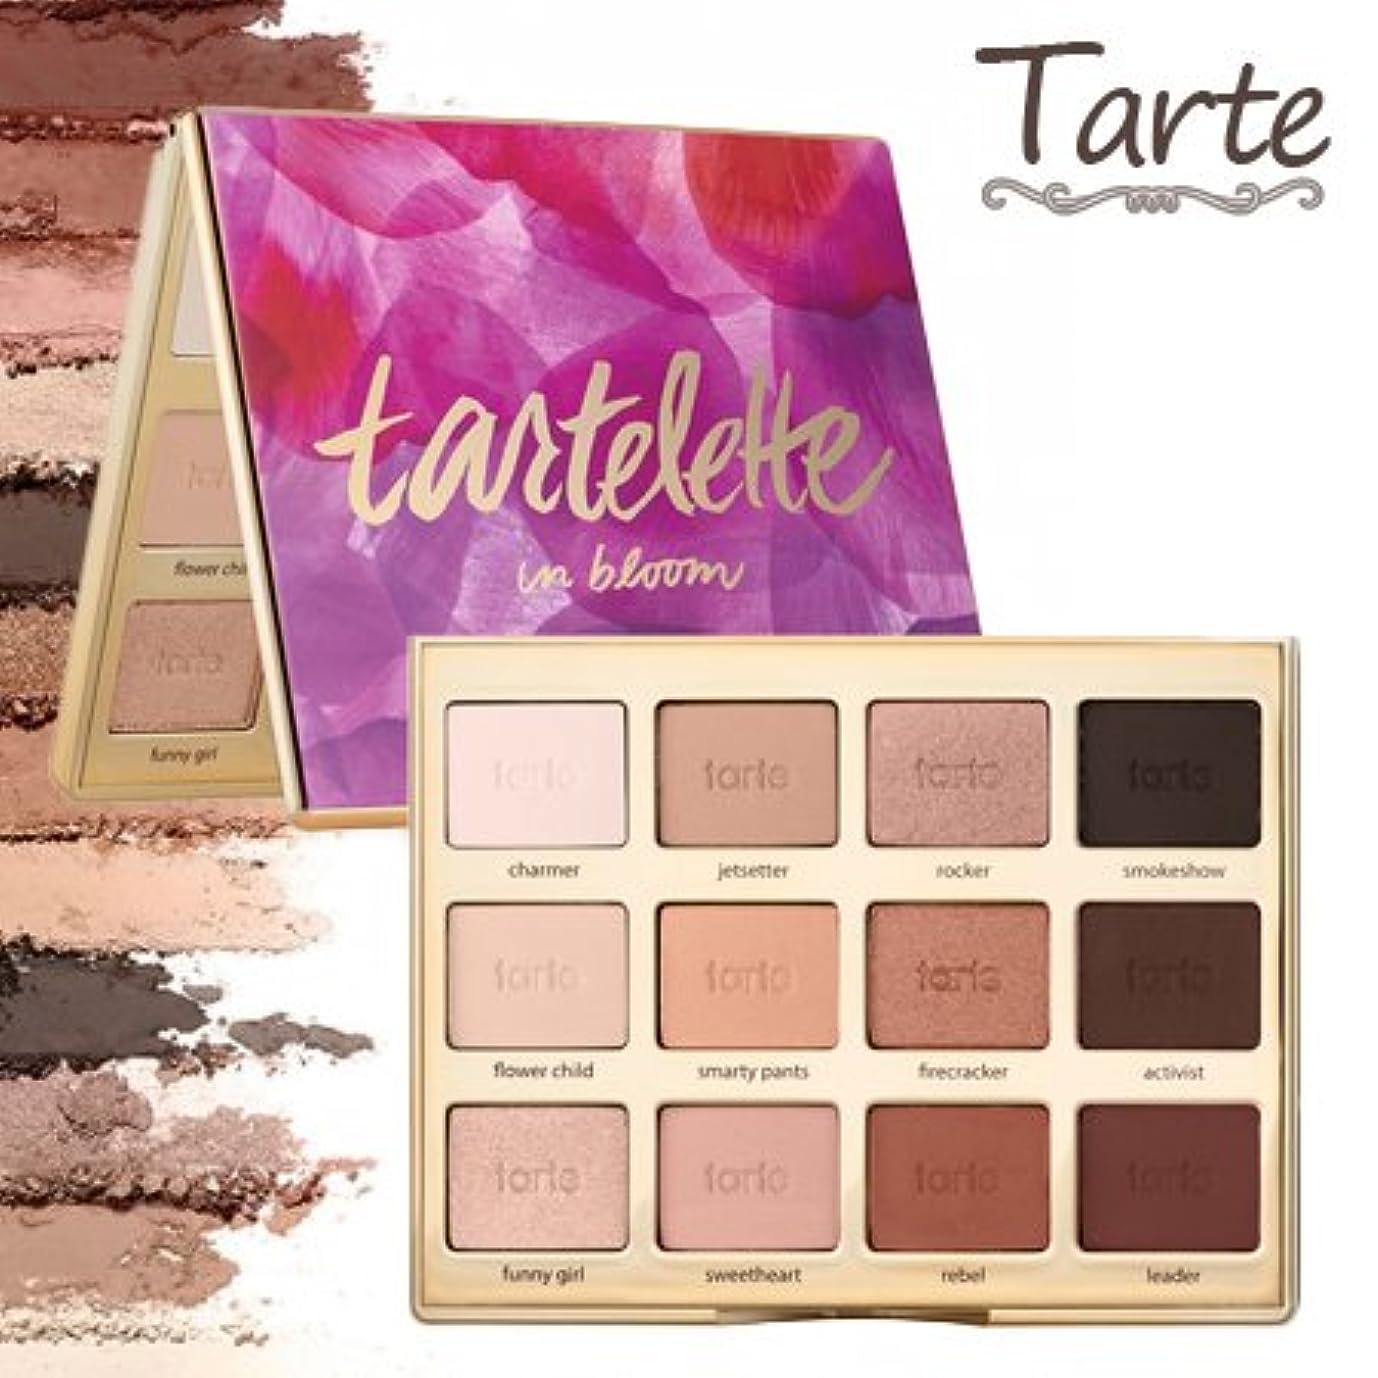 干ばつ拳傷つけるタルトTarte Tartelette in bloom clay eyeshadow palette アイシャドウ パレット 12色 【並行輸入品】